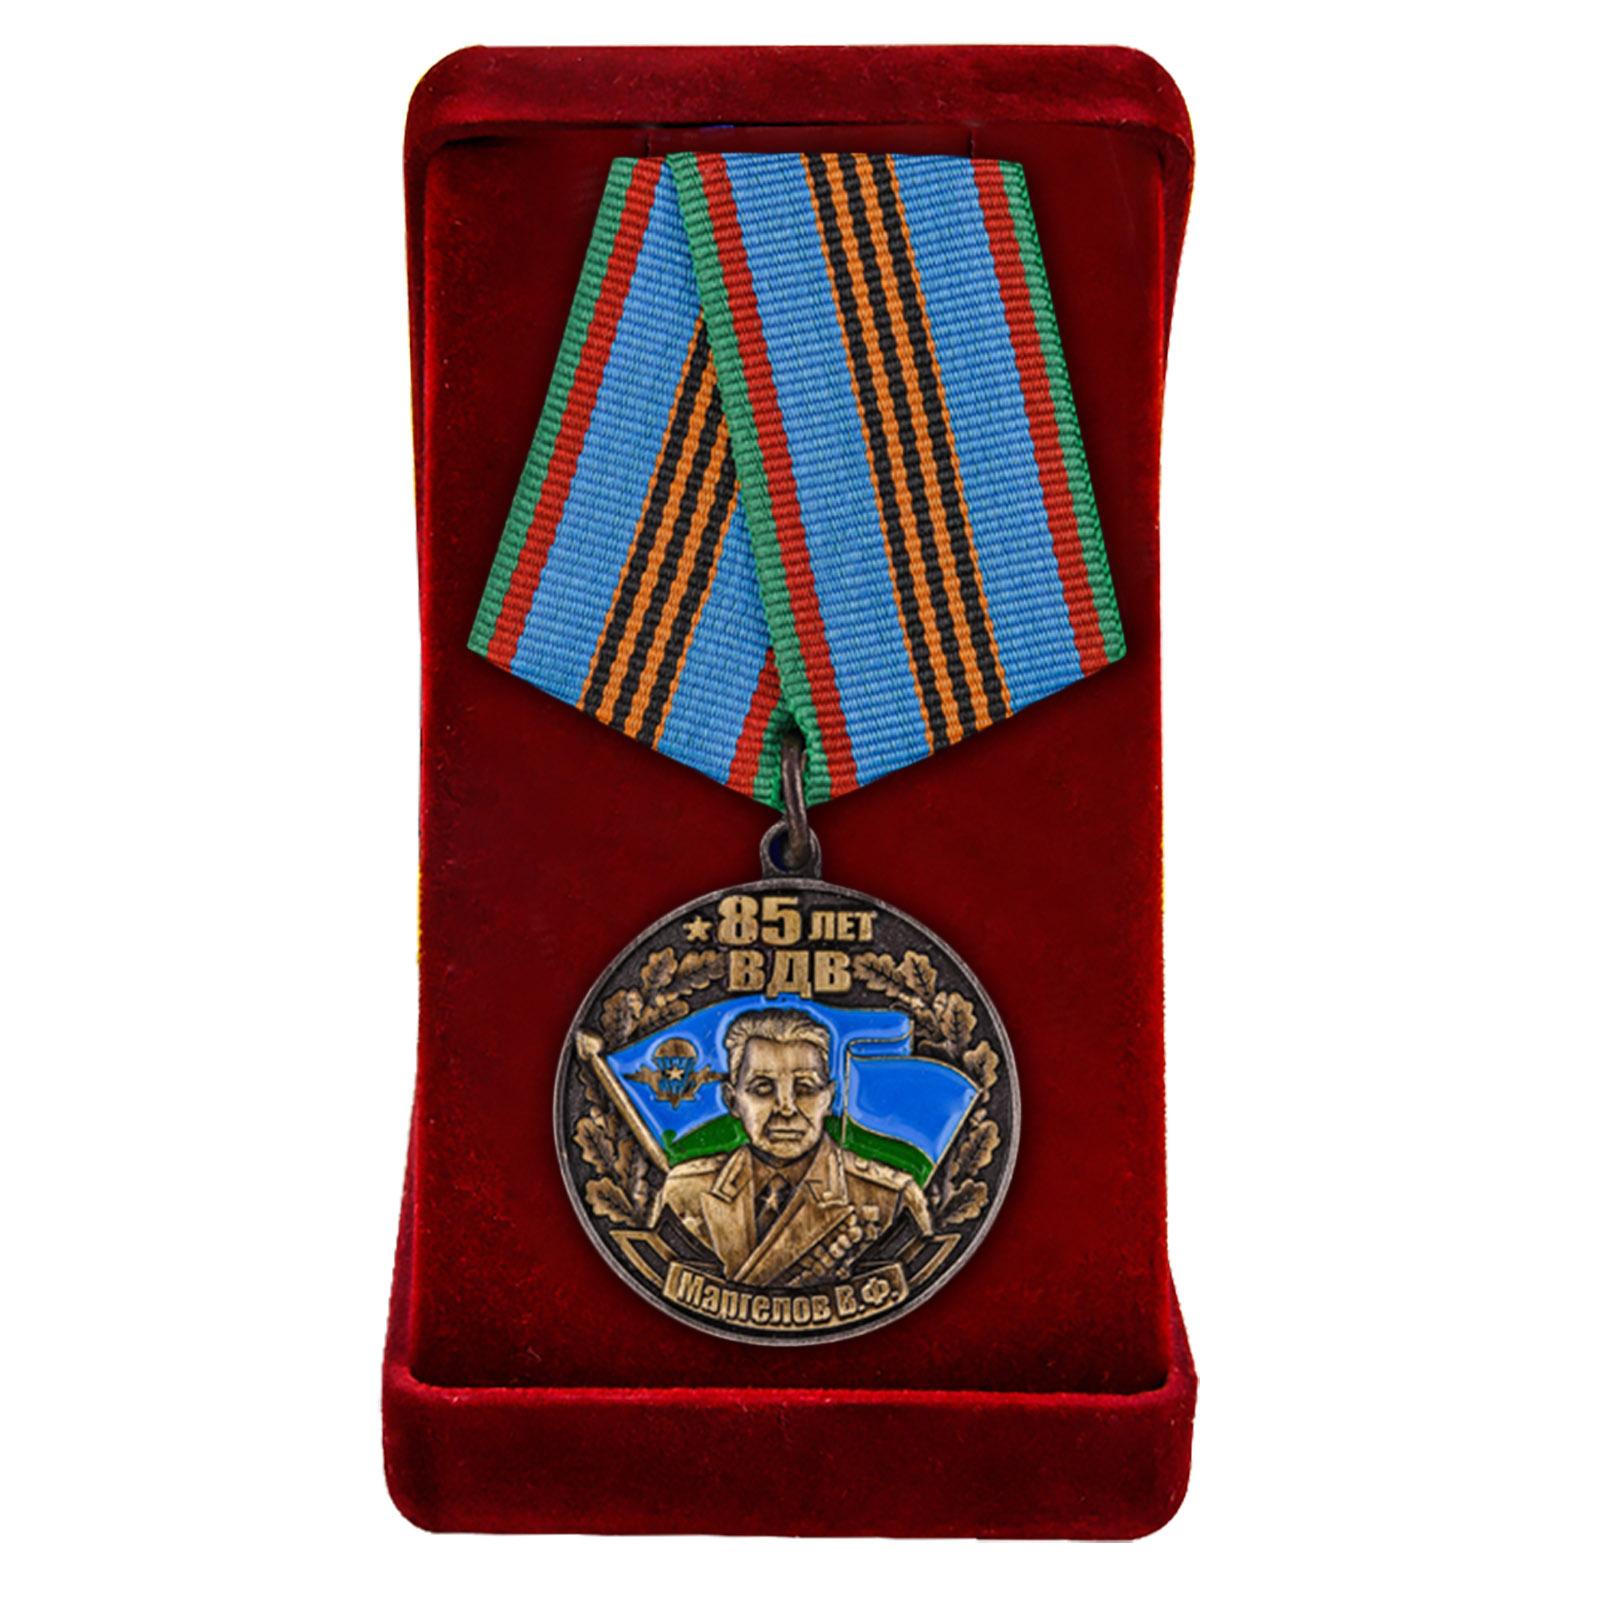 Купить нагрудную медаль ВДВ с изображением Маргелова В Ф онлайн